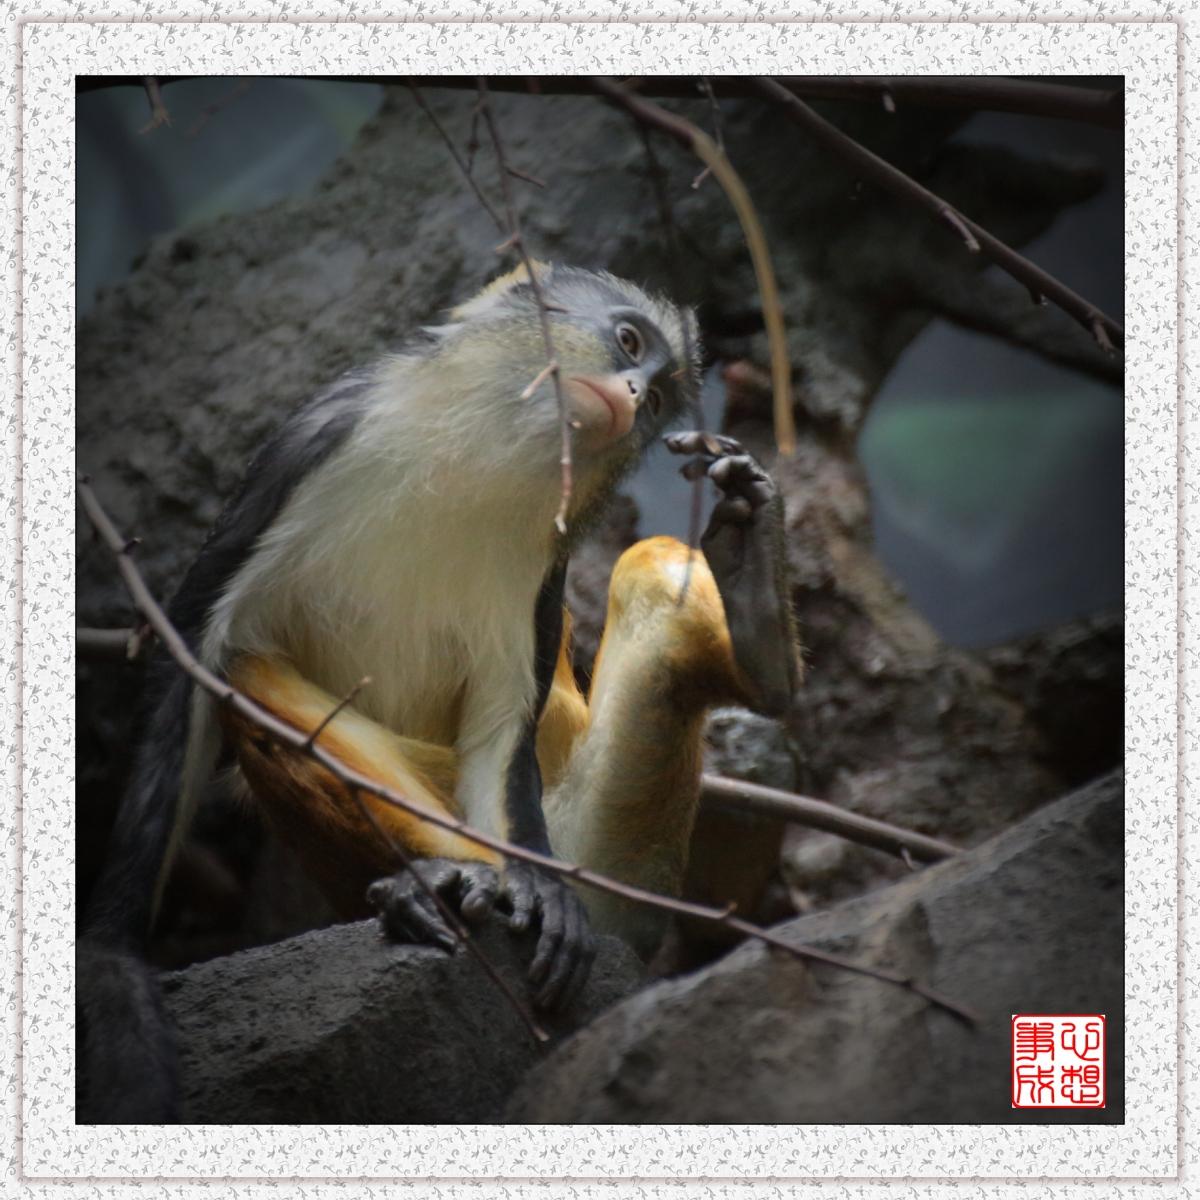 【心想事成】 人类的祖先?BRONX 动物园随拍_图1-10